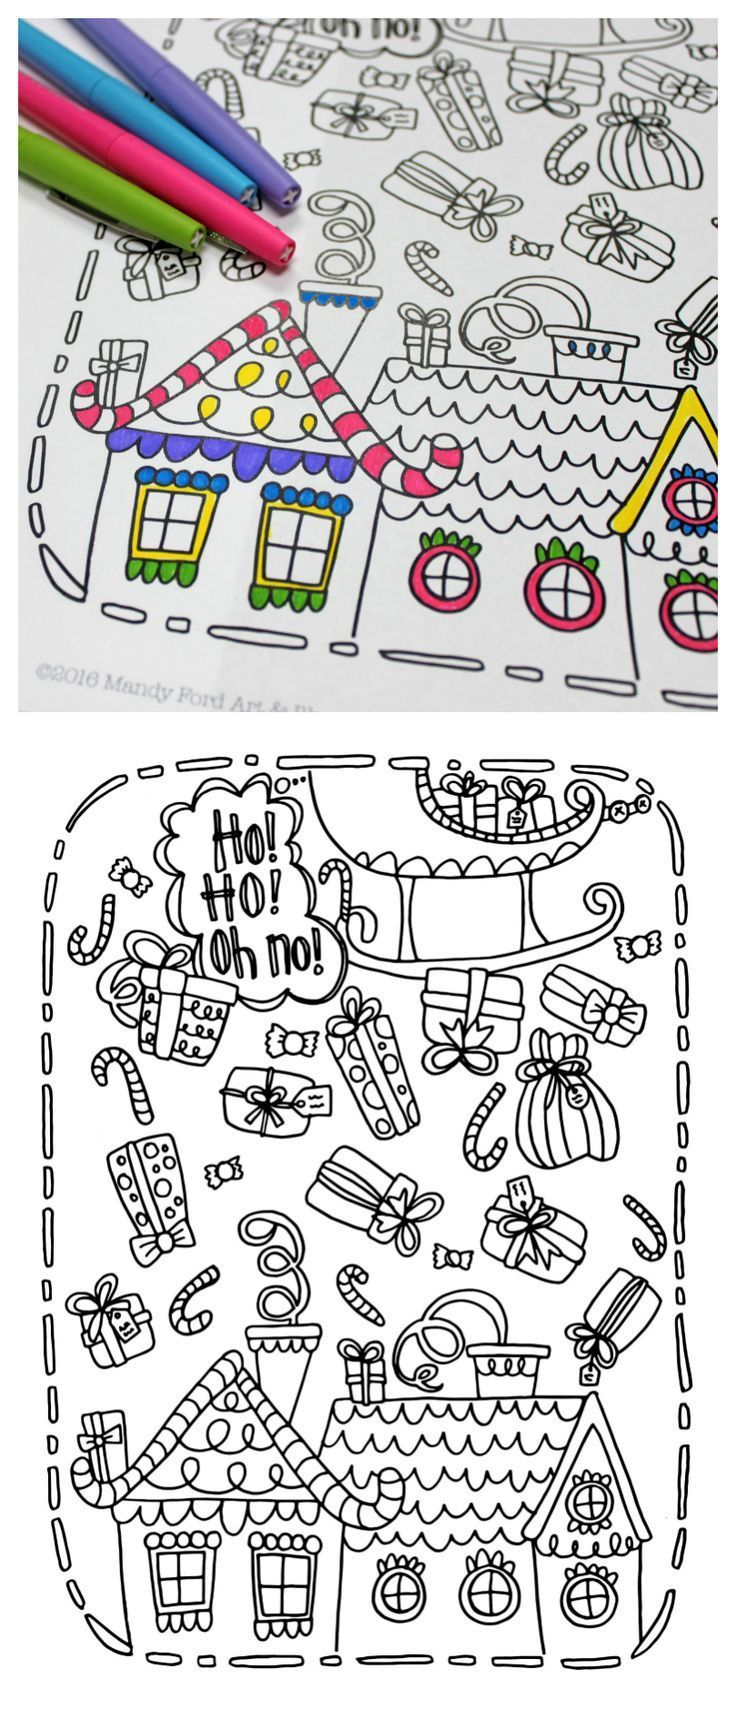 Printable Christmas Coloring Page | Free printable, Holidays and ...